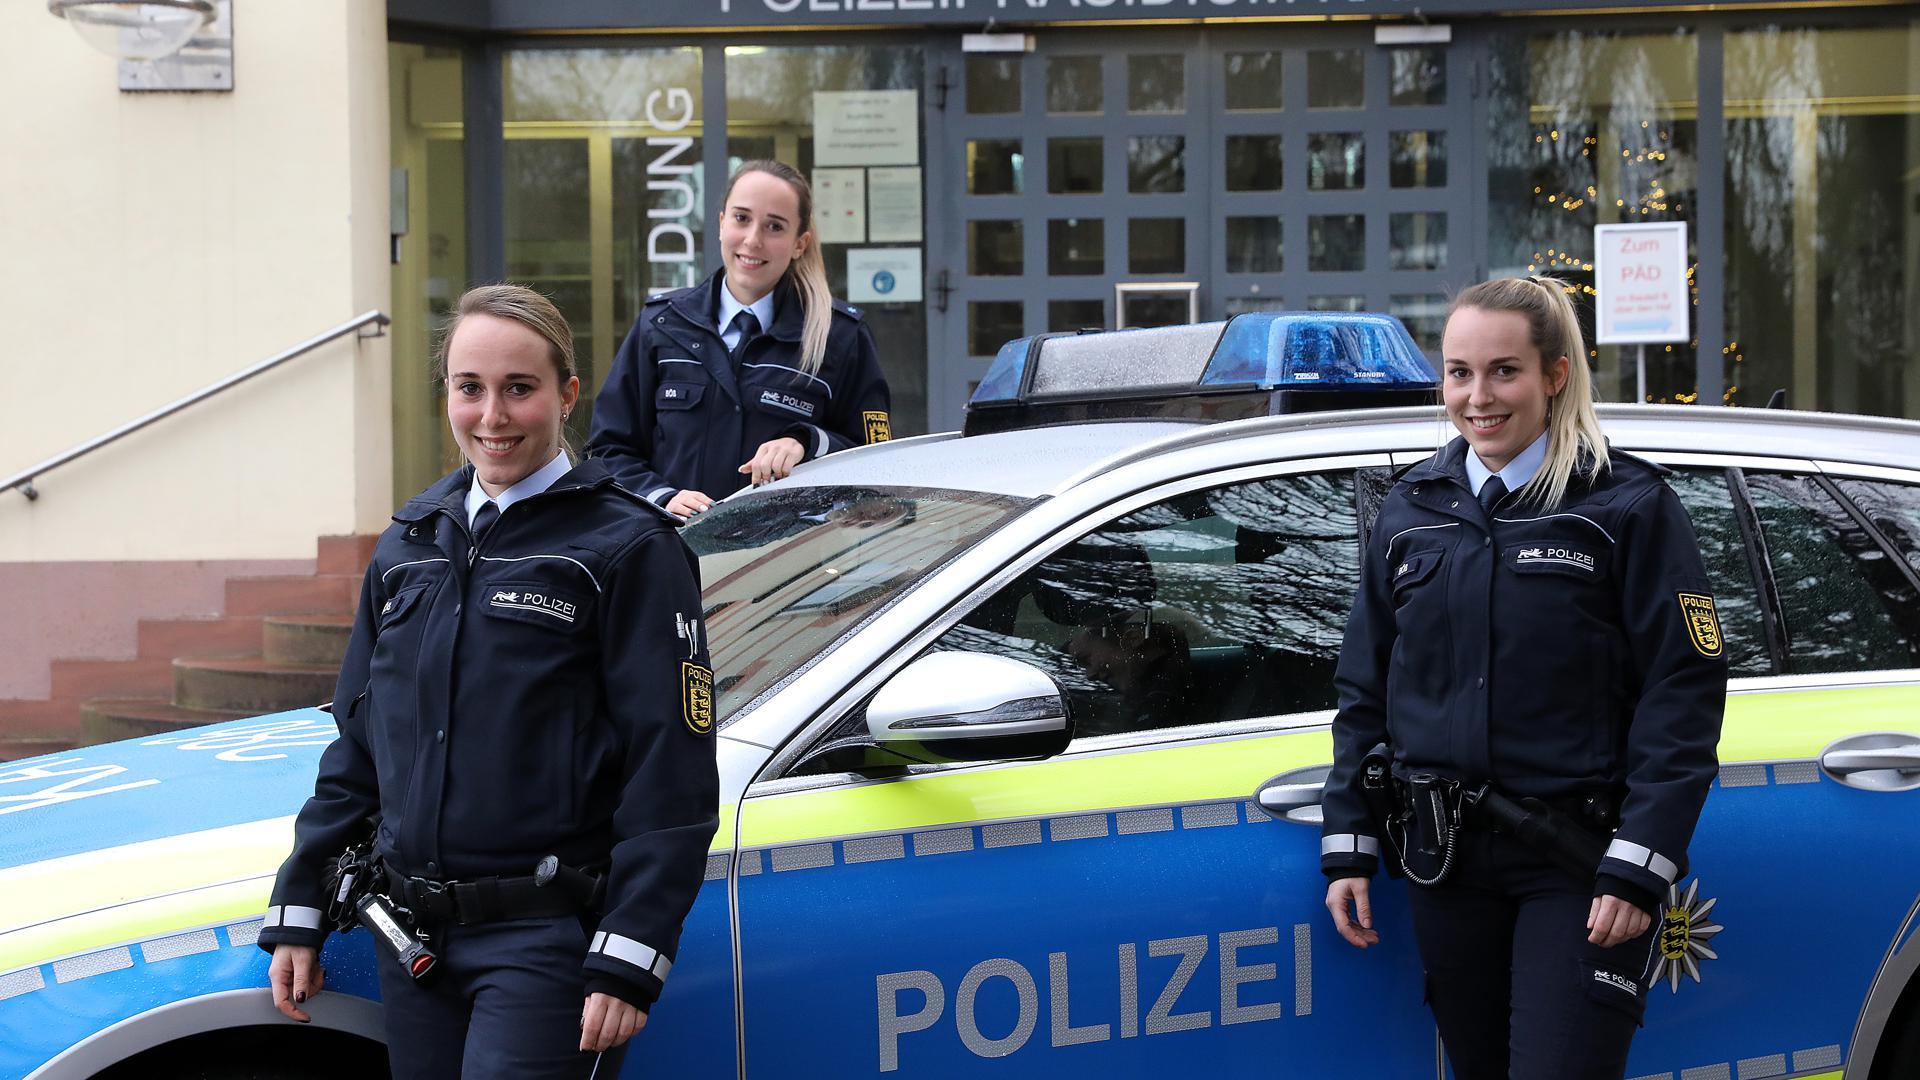 Frauenpower: Samira, Lara und Vanessa Böß sind nicht nur eineiige Drillinge sondern alle bei der Polizei tätig. Das ist weithin einmalig.